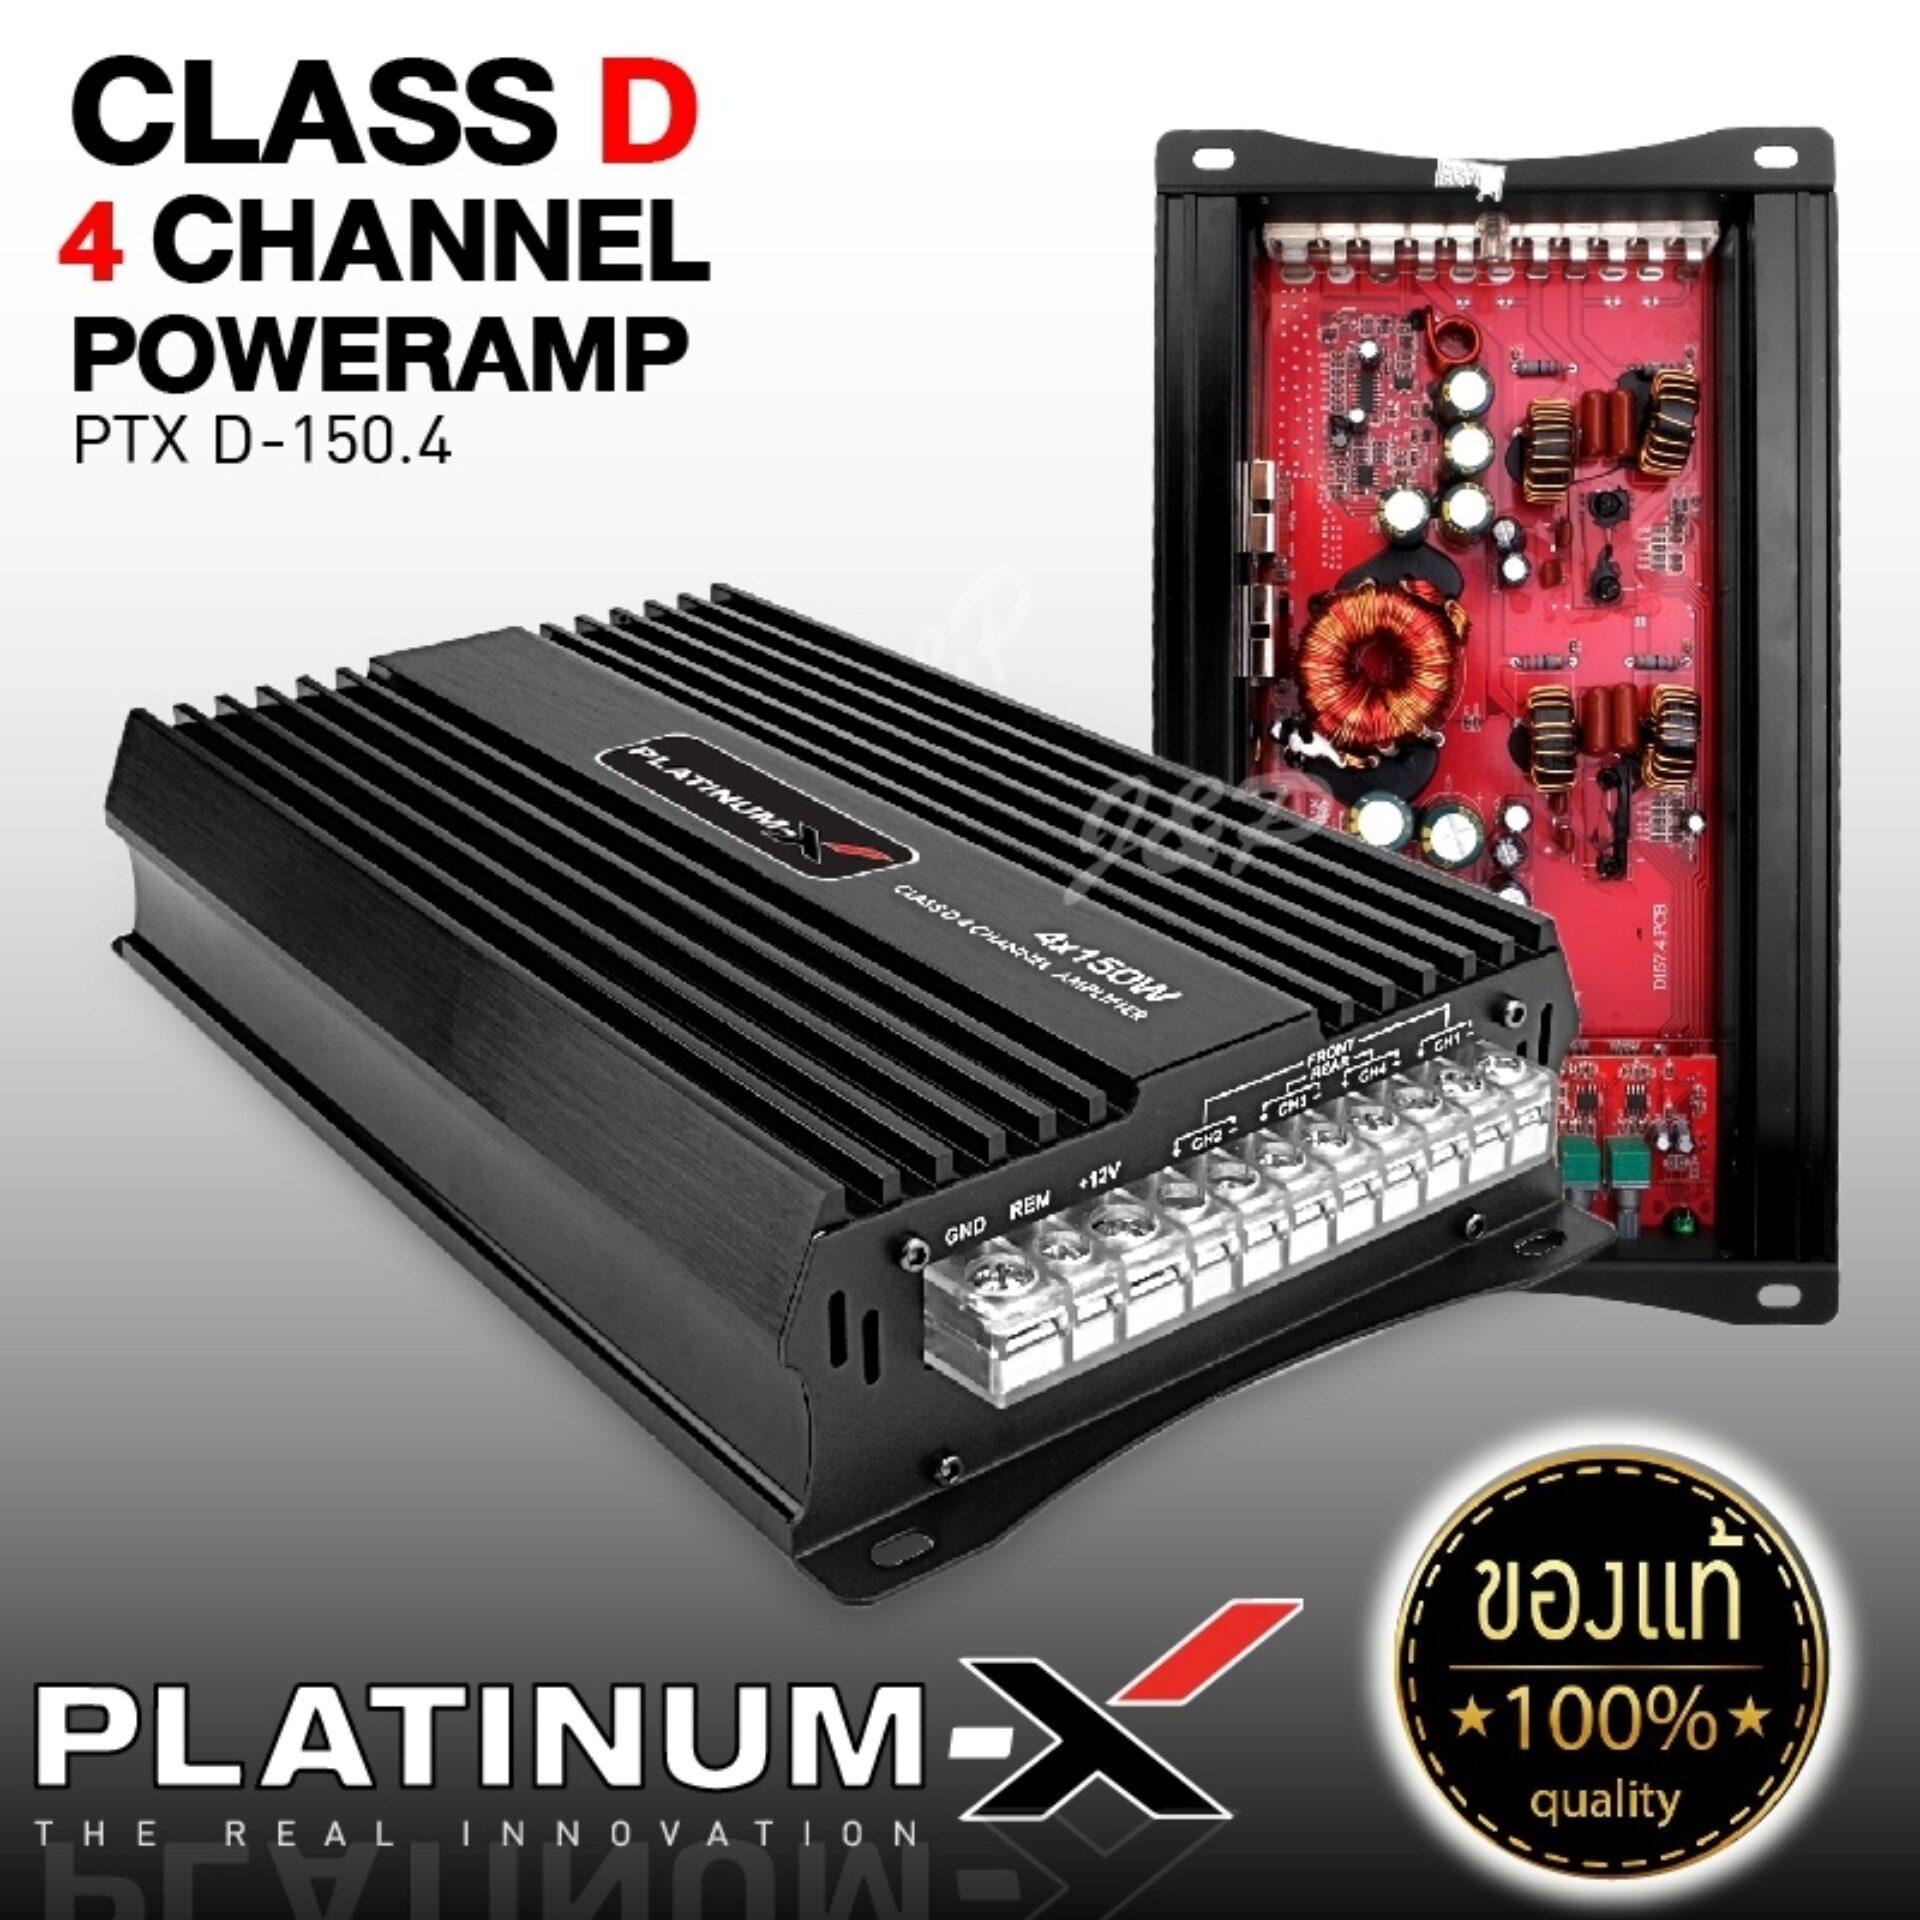 เครื่องเสียงรถ Platinum-X D-150.4 เพาเวอร์แอมป์ Full Range Classd 4ch เพาเวอร์รถยนต์ เพาเวอร์.